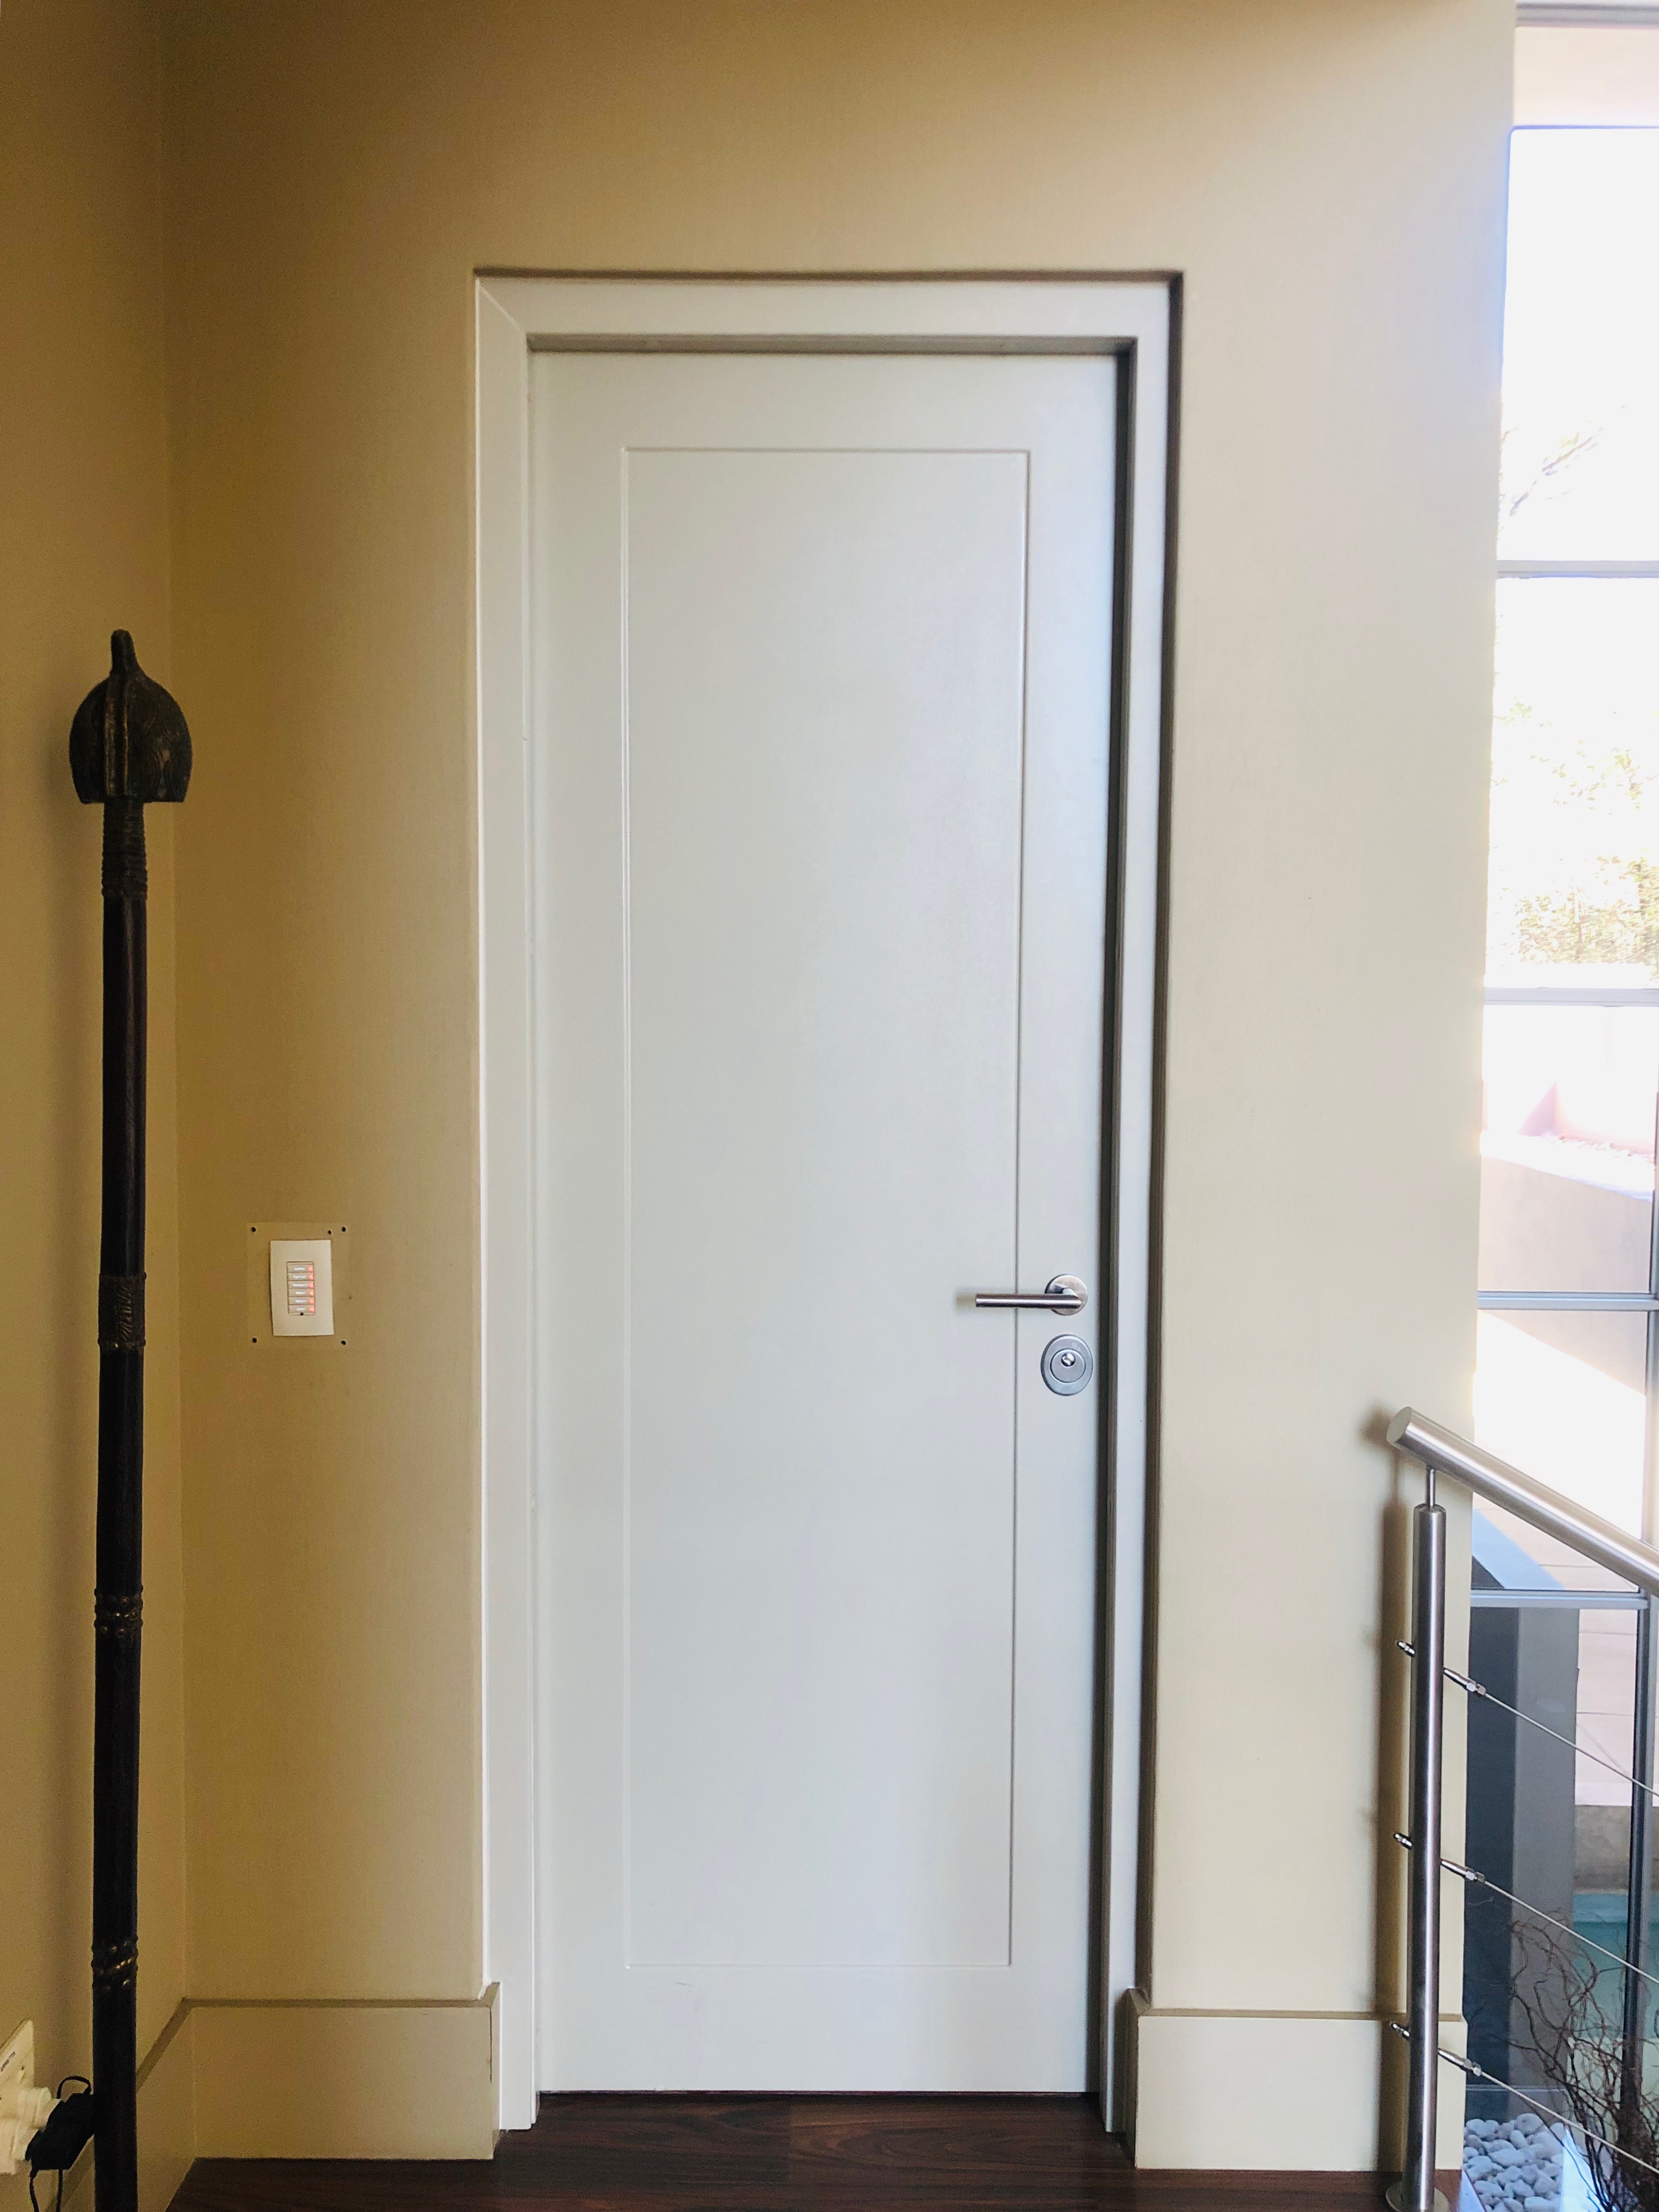 Bedroom Security Door